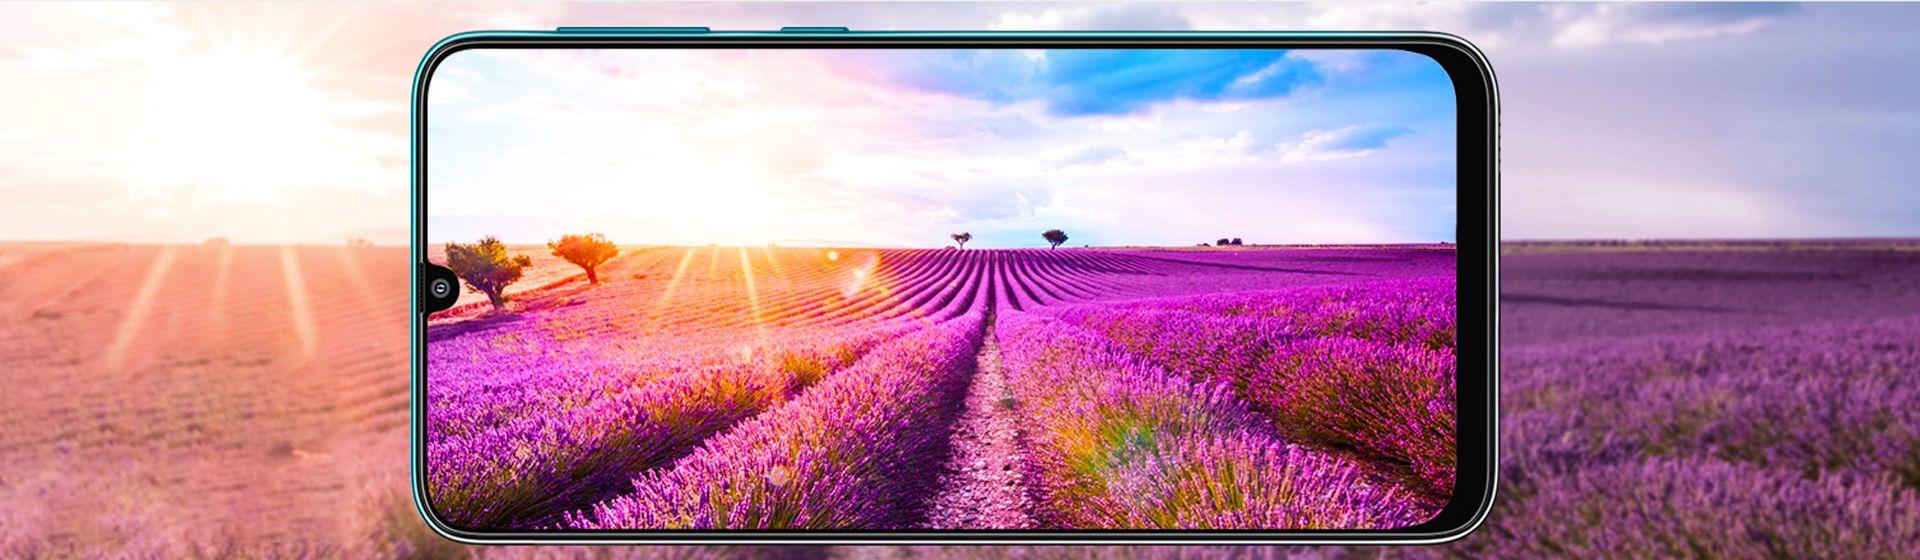 Samsung lança o Galaxy F41 com bateria de 6.000 mAH; veja sua ficha técnica e preços